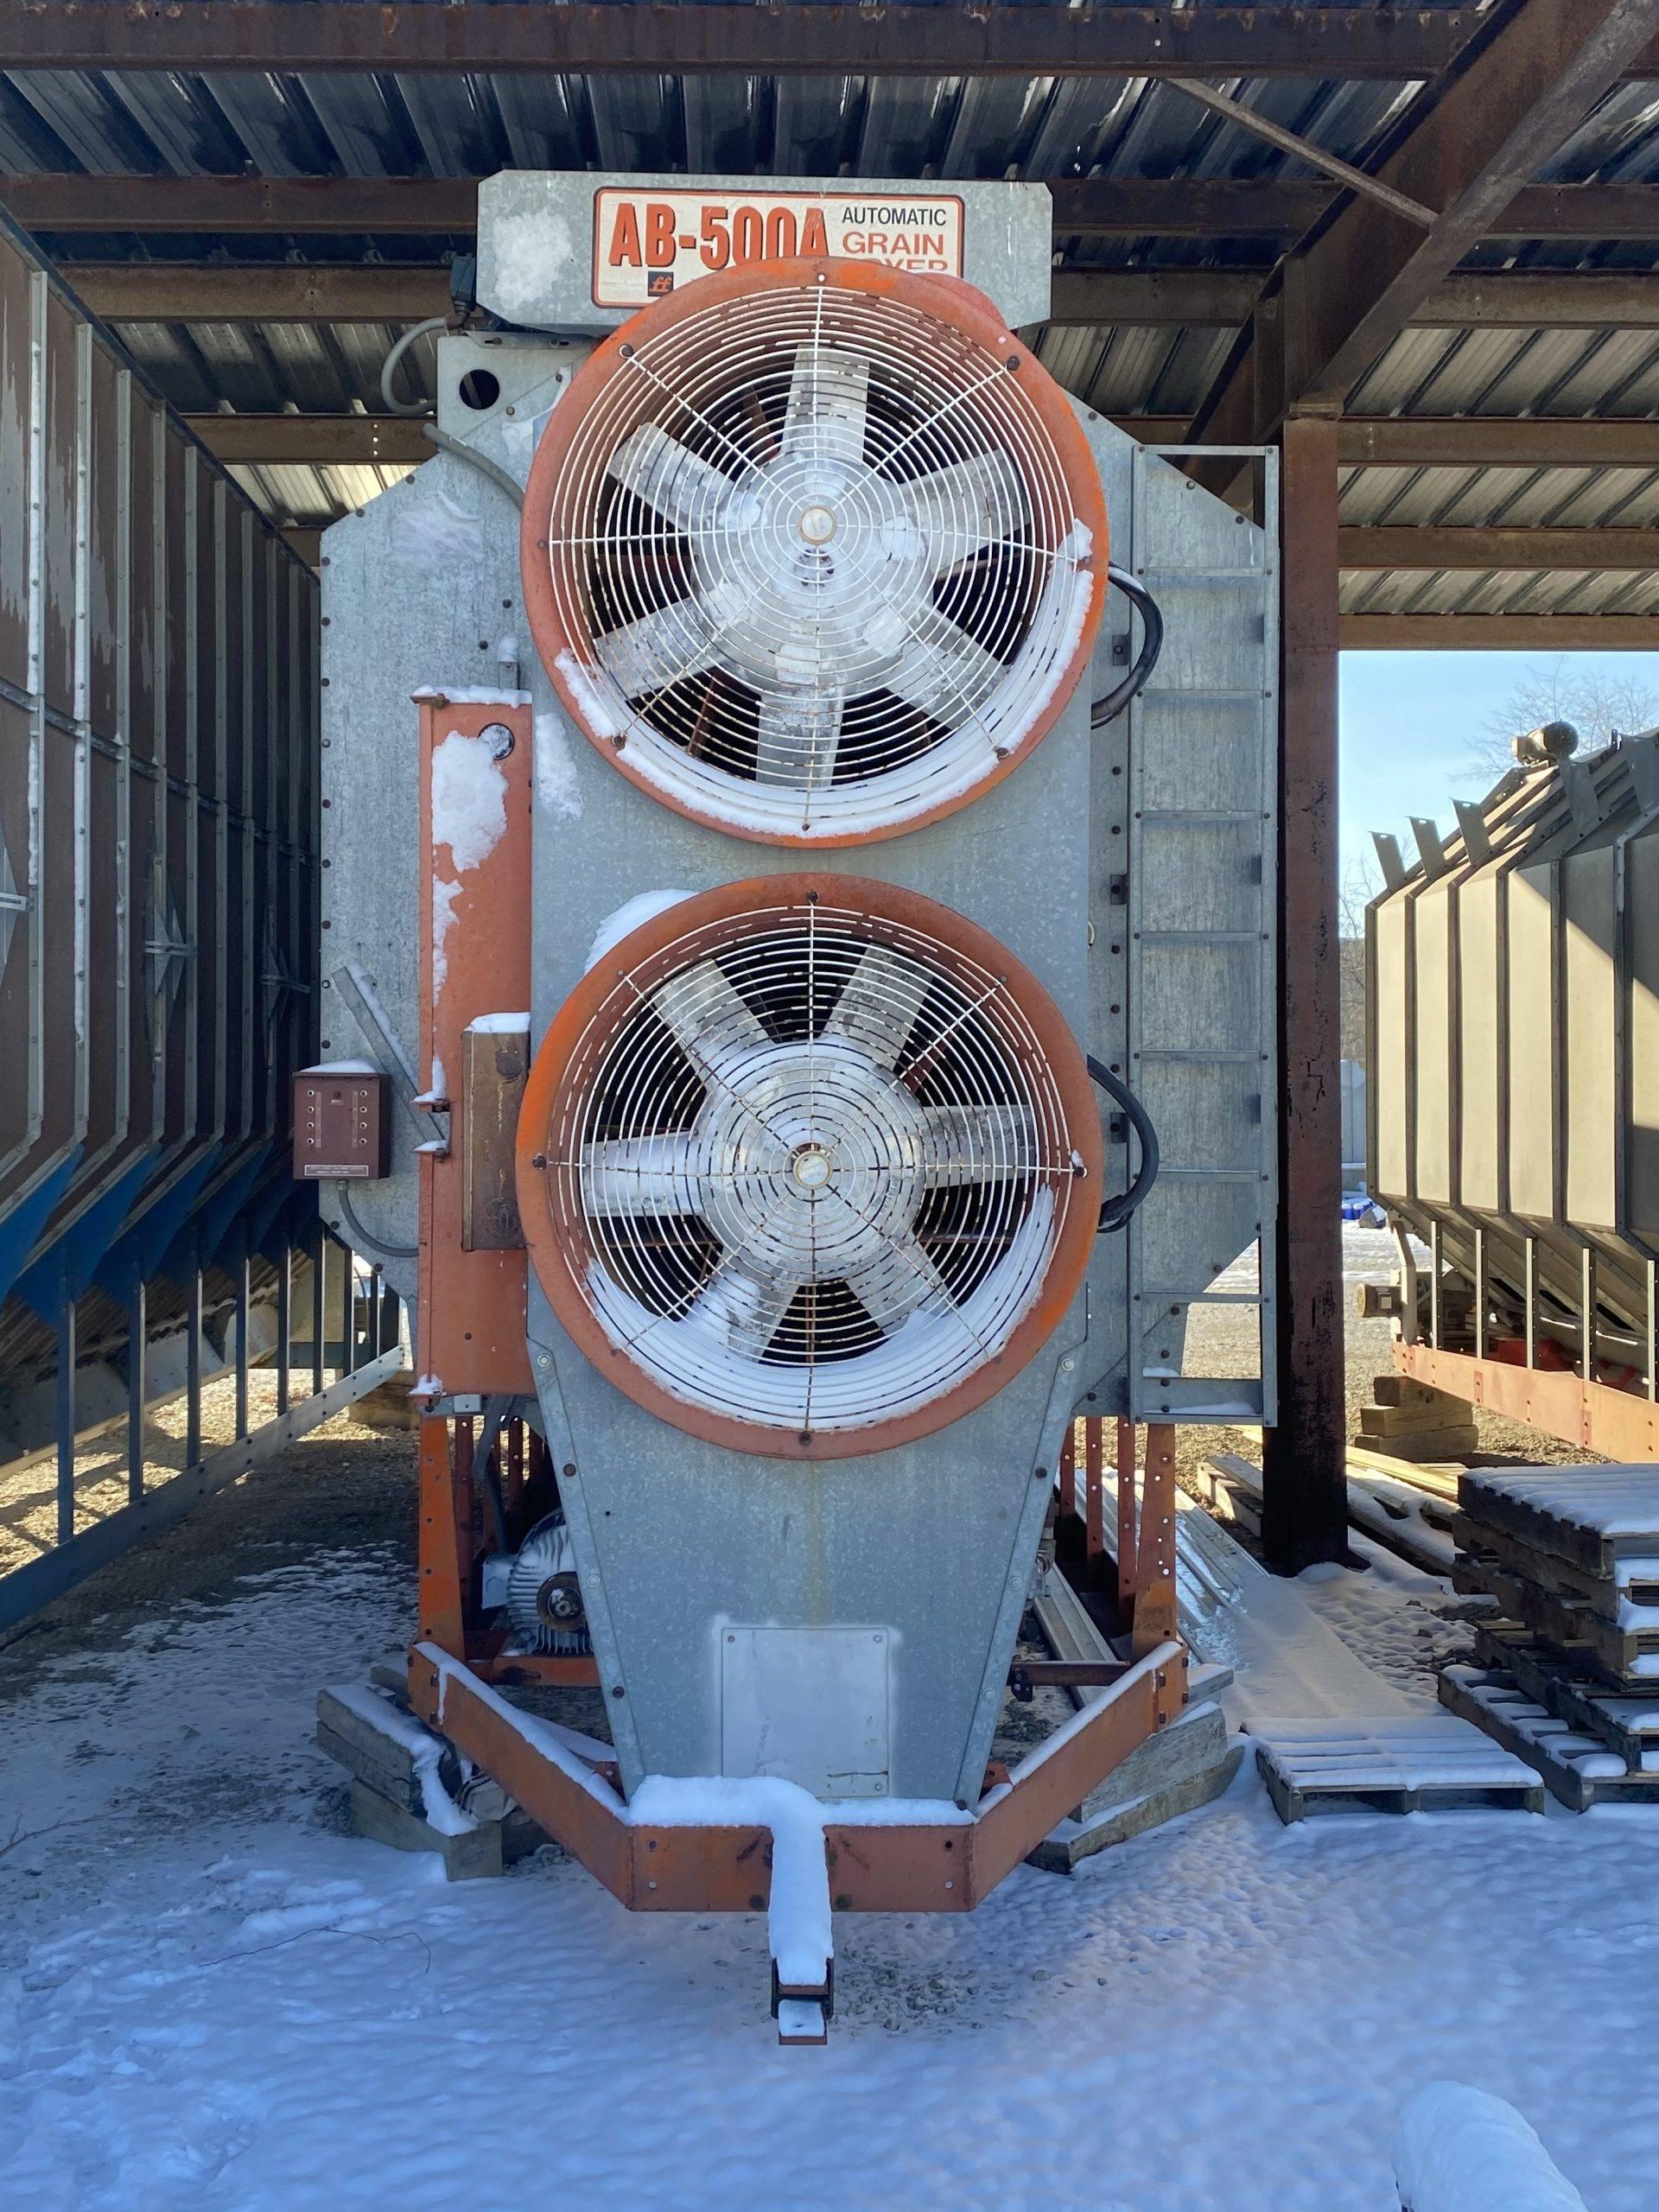 Farm-Fans-AB-500A-Used-Dryer